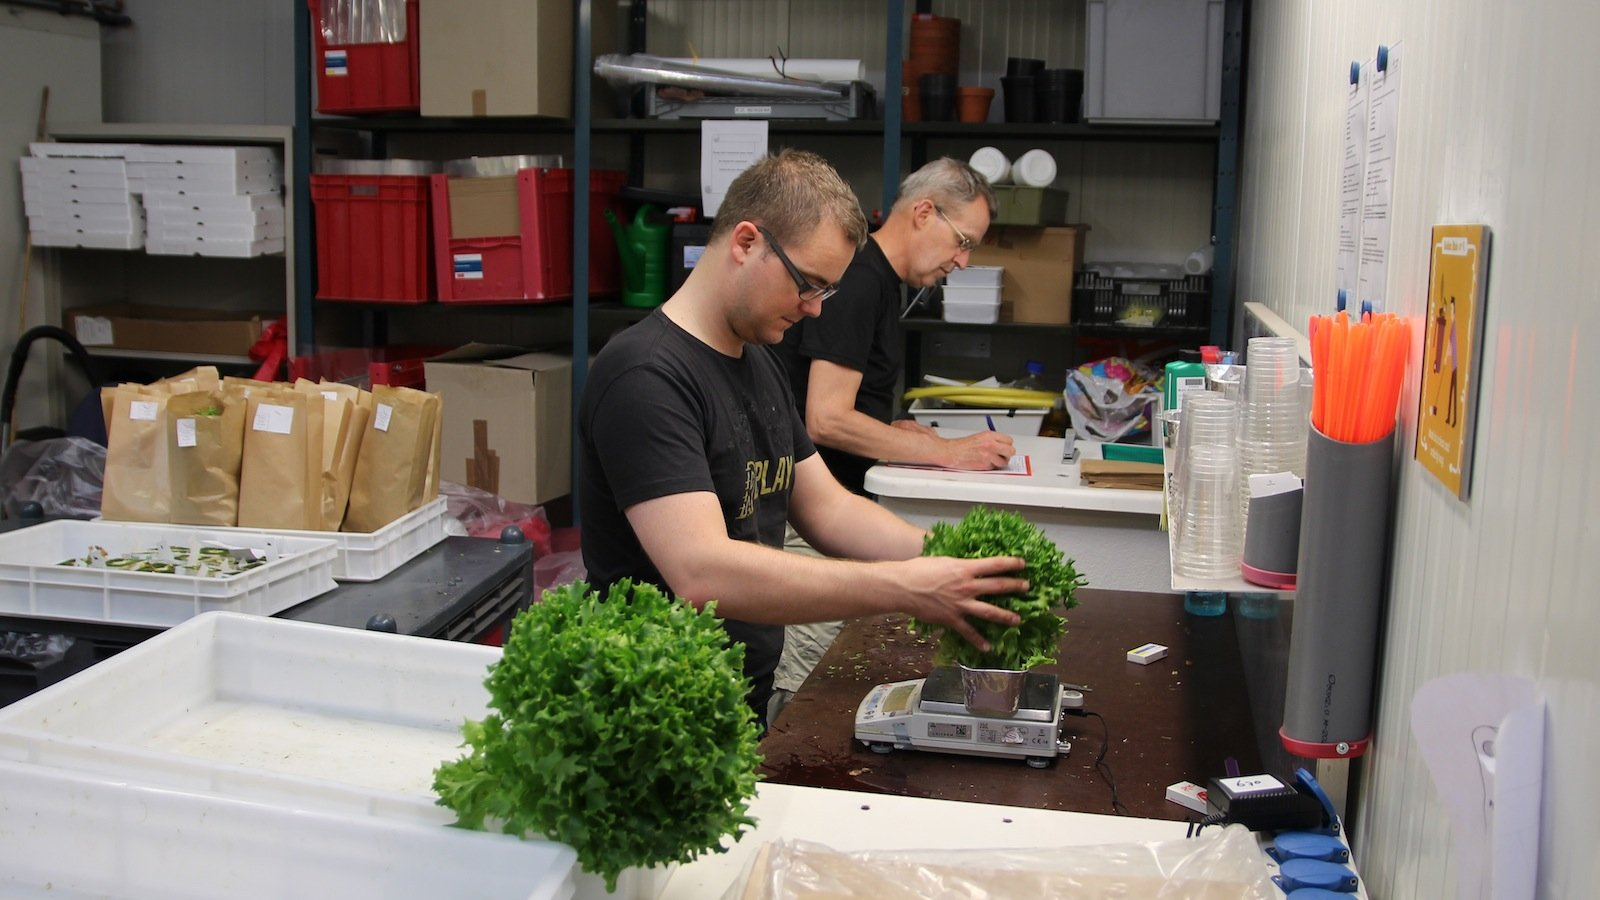 Bevor DLR-Ingenieur Paul Zabel (vorne) für ein Jahr lang ein Gewächshaus in der Antarktis betreiben wird, lernt er, wie das Gemüse fachgerecht geerntet und vermessen wird.